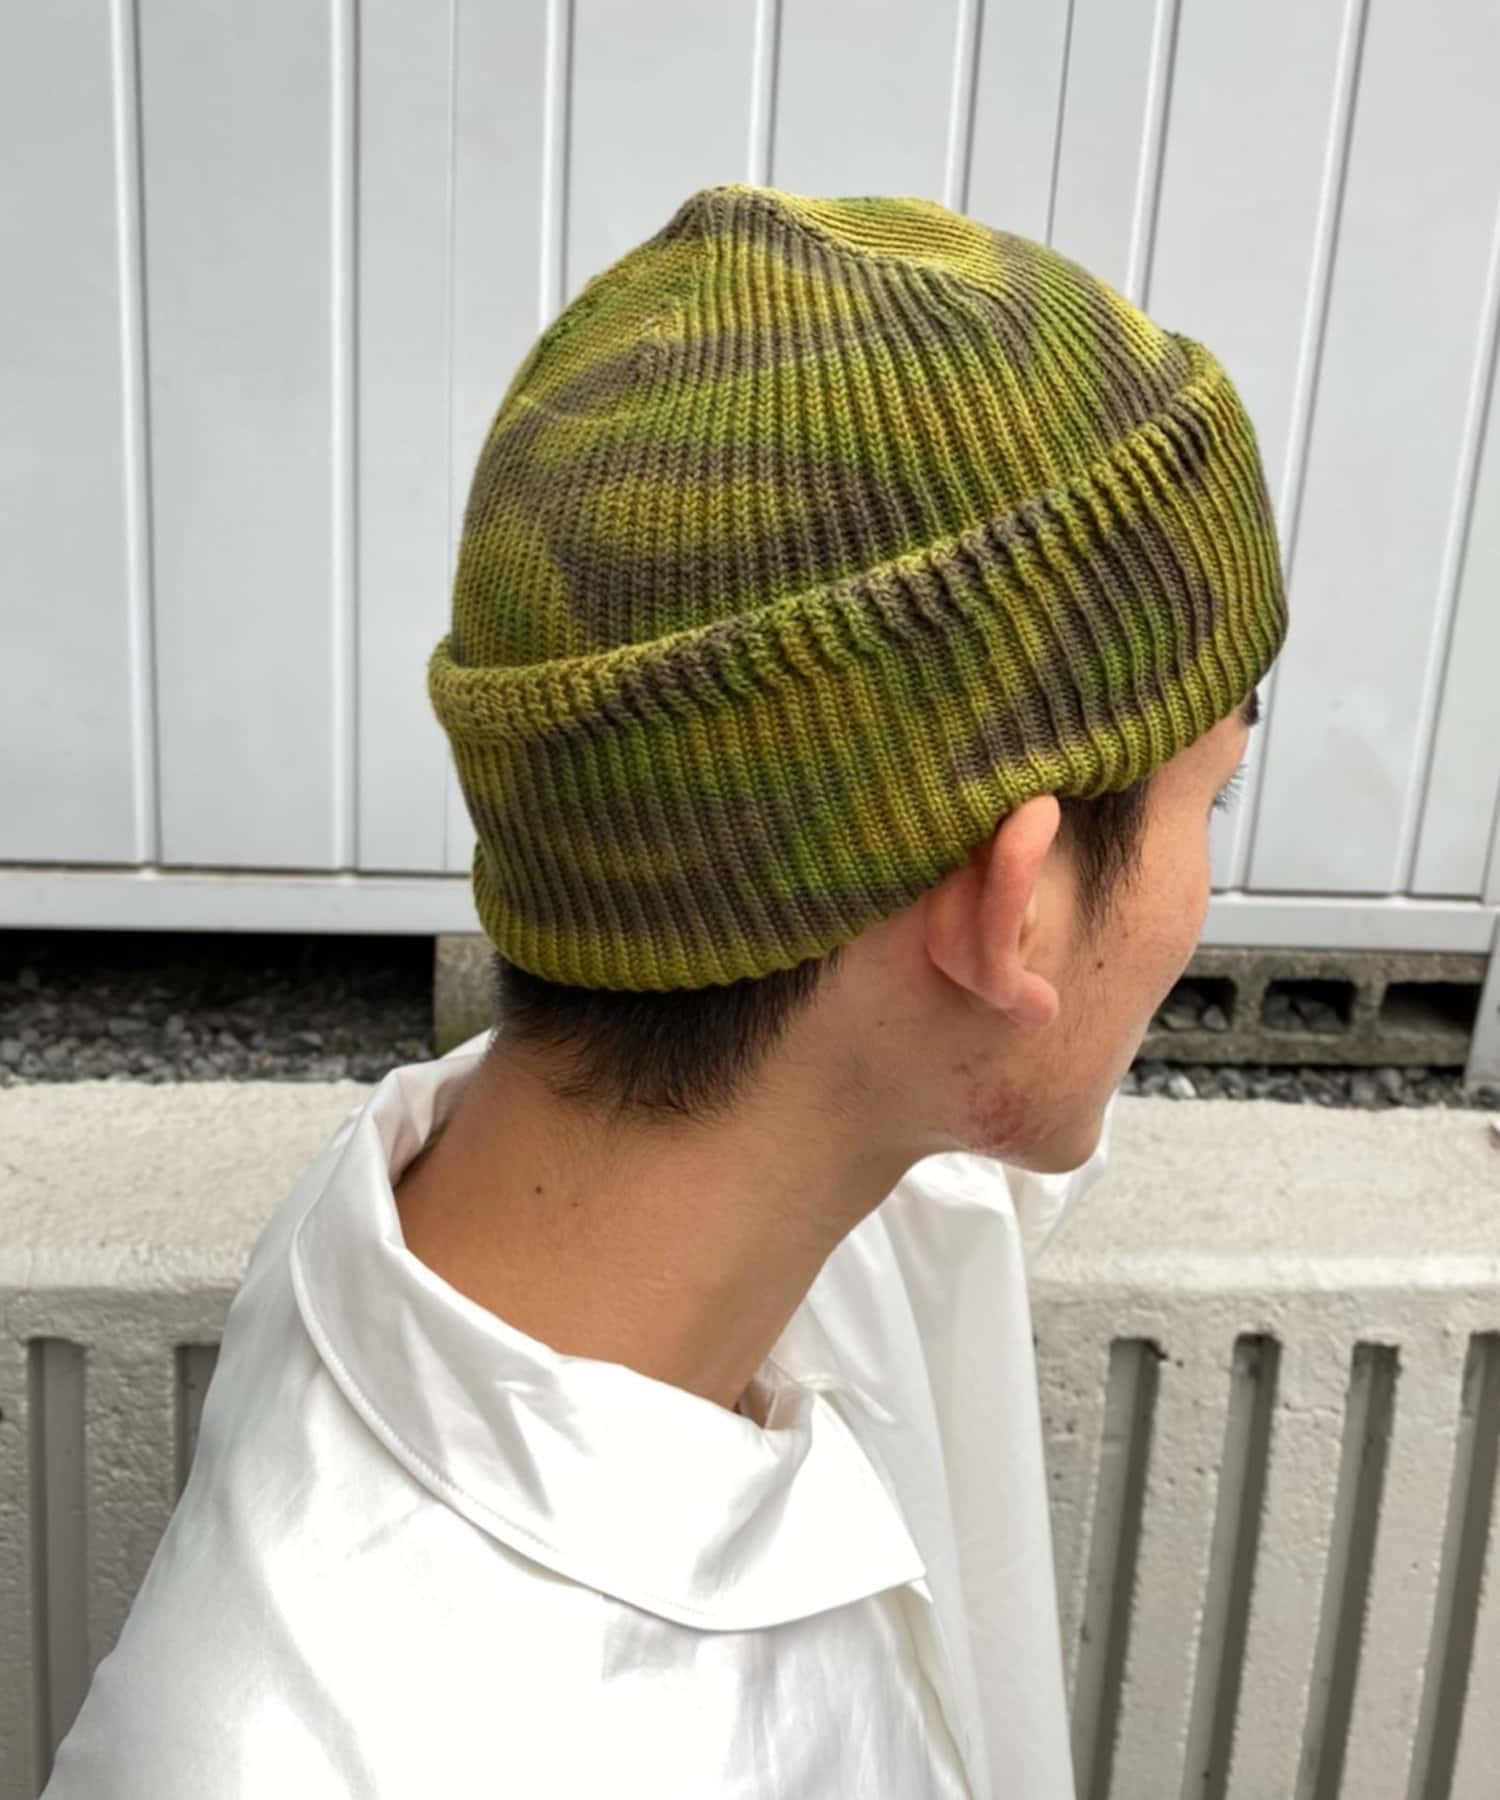 Kastane(カスタネ) 【UNISEX】WATCH CAP TIE DIE